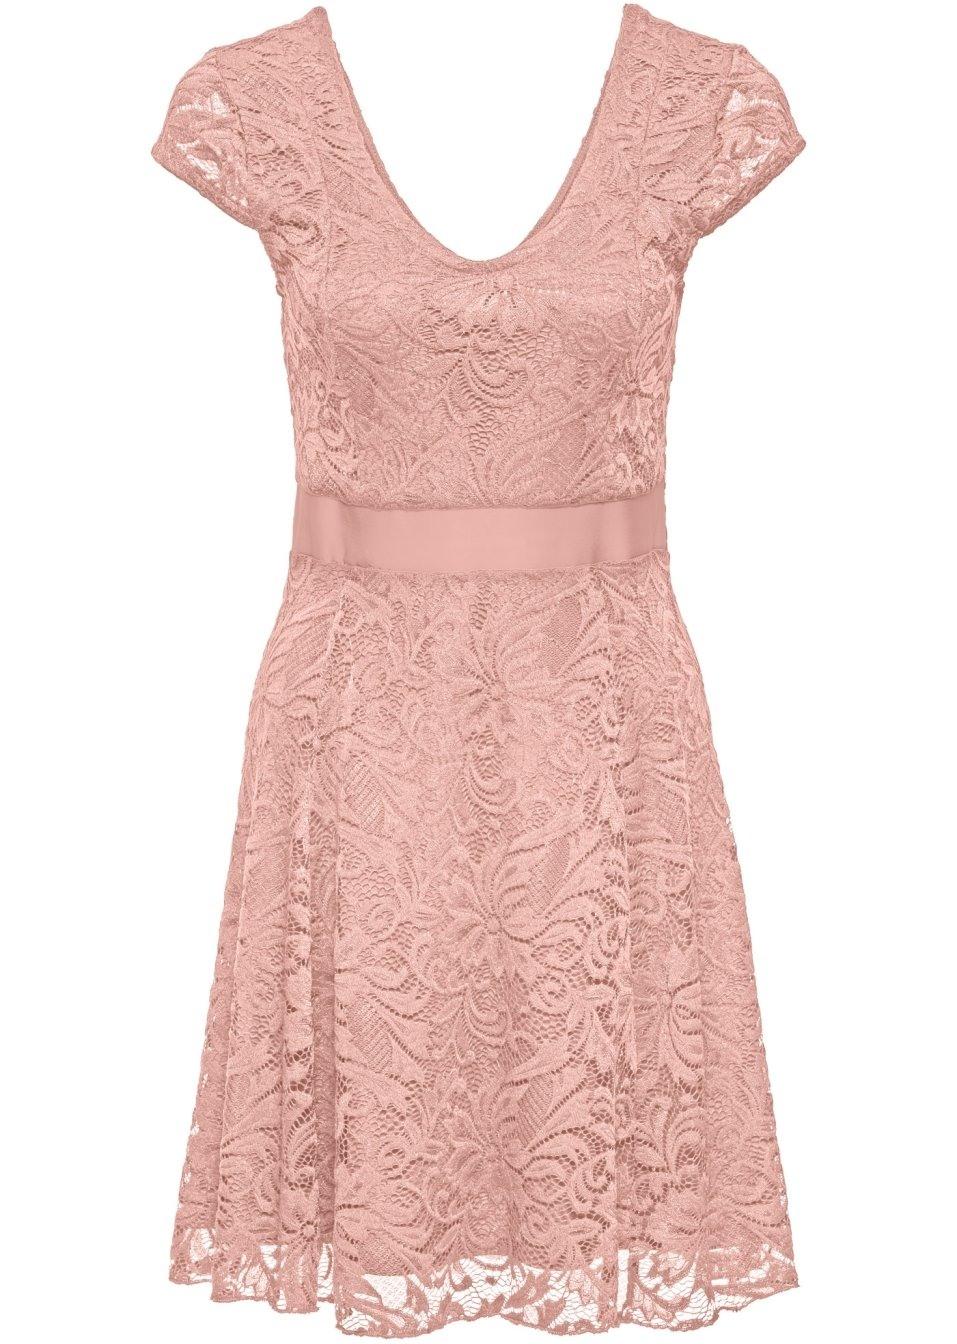 17 Cool Kleid Glitzer Lang für 201920 Schön Kleid Glitzer Lang Spezialgebiet